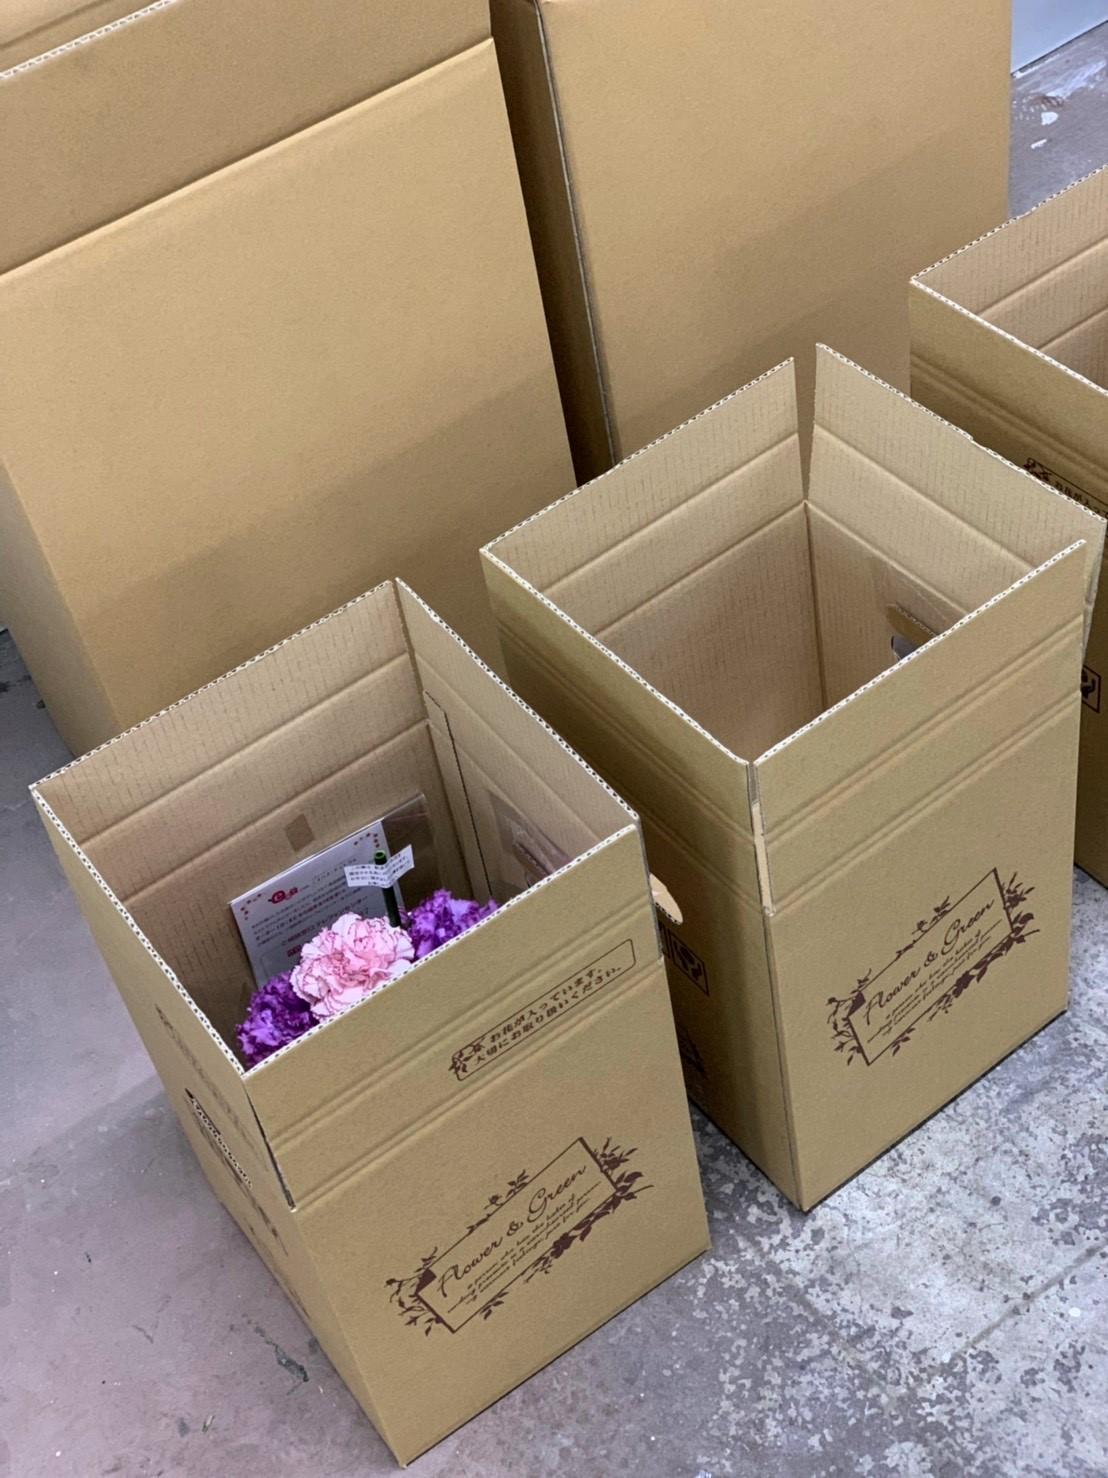 最後は配送箱に入れて、注文品を発送します